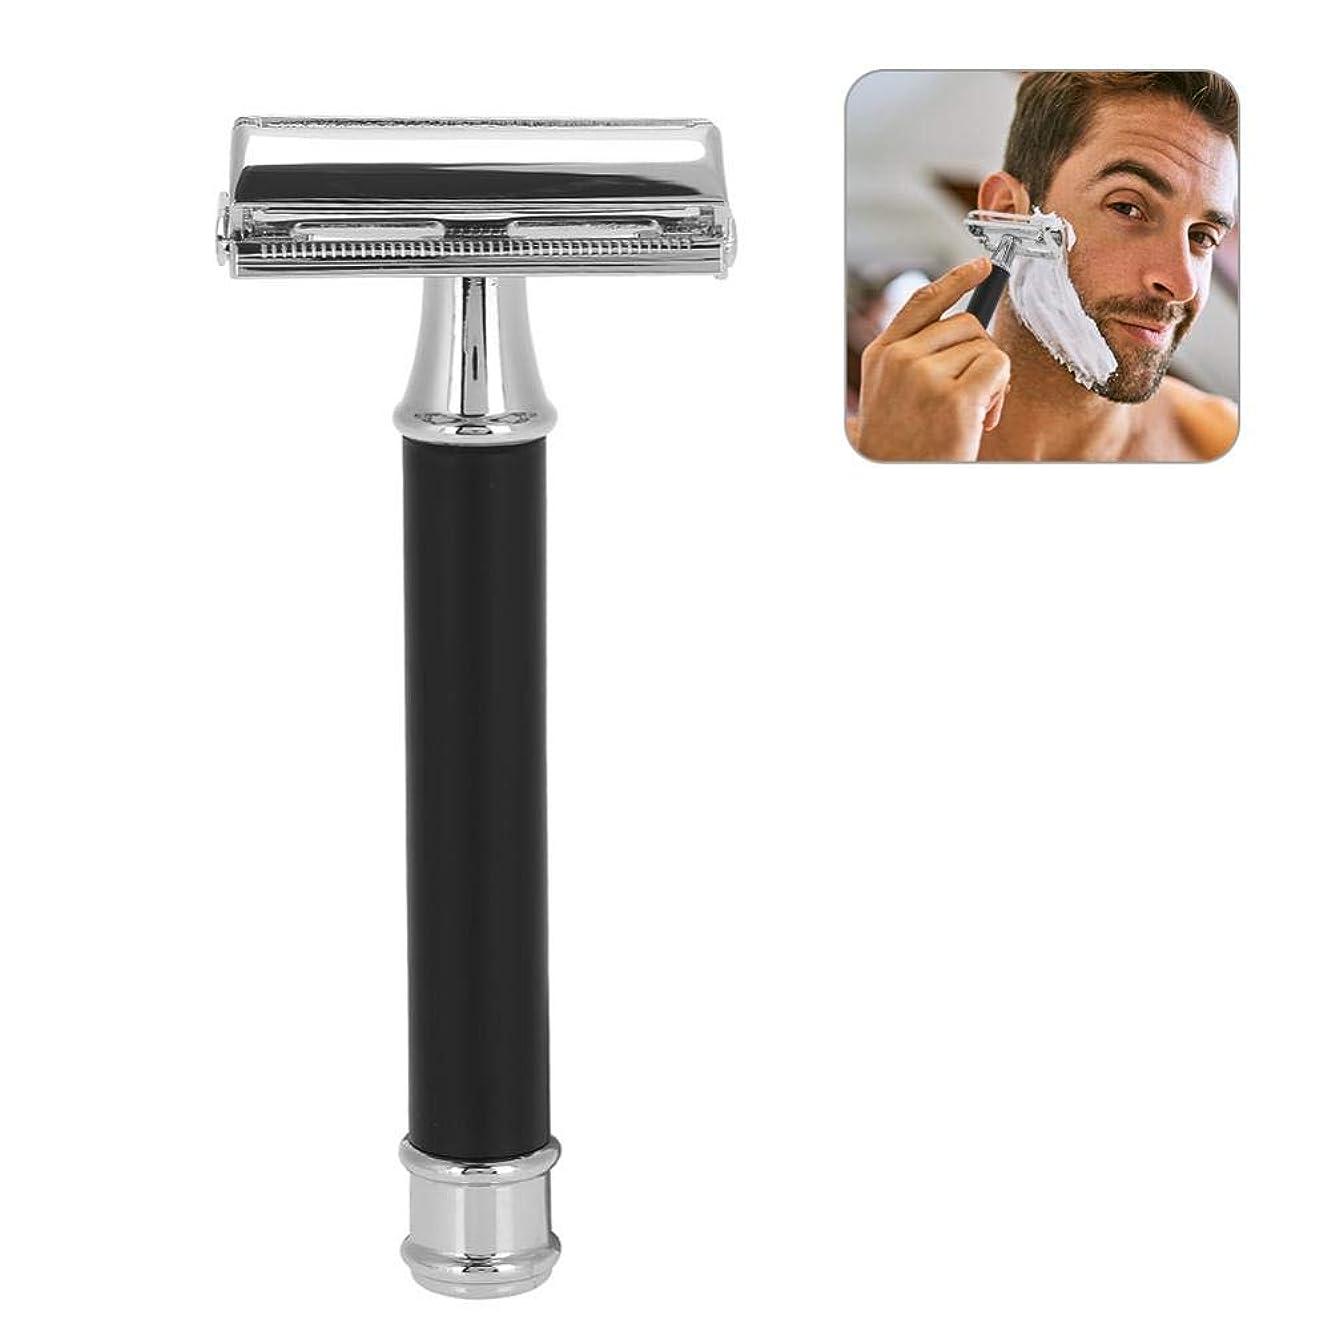 ゆり不正熱望する両刃カミソリホルダー メンズシェーバー クラシックレイザー 脱毛器 剃刀 手動 交換可能なブレード 両面ナイフ